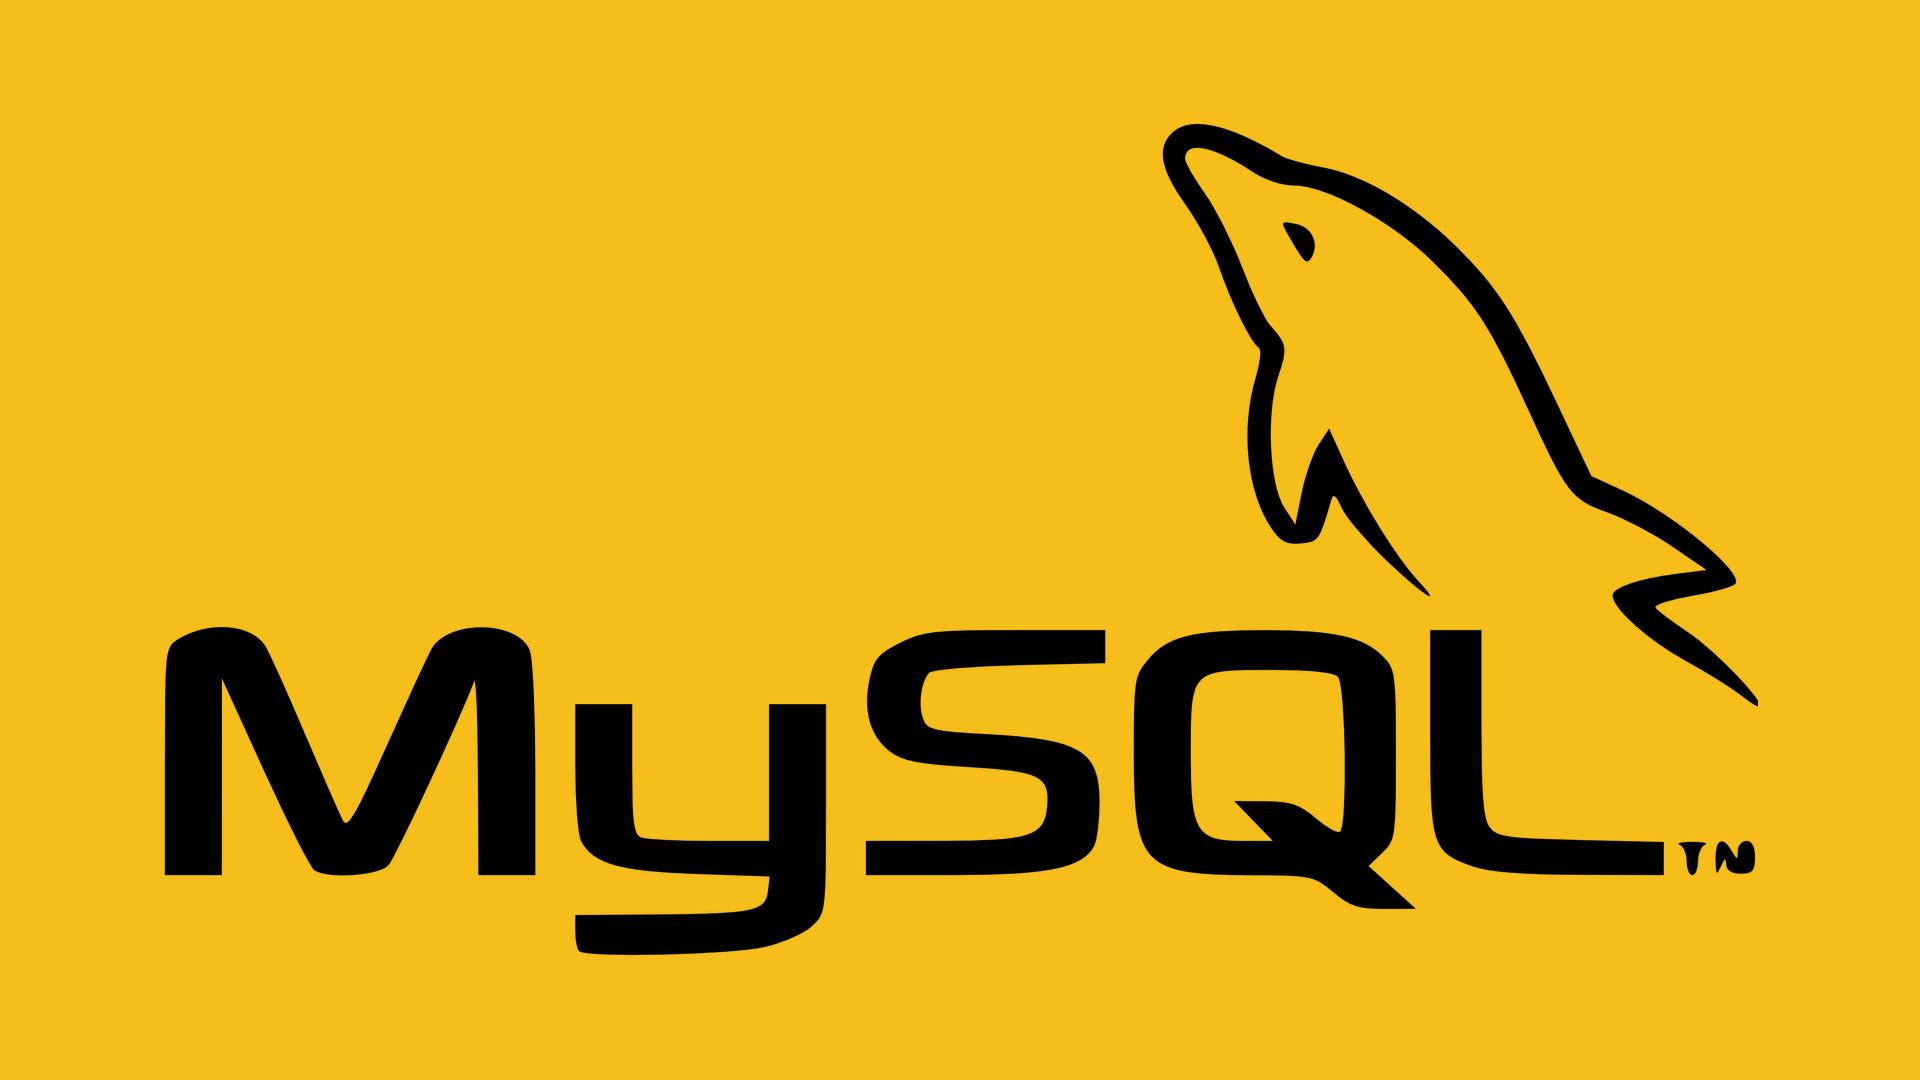 Install MySQL on Ubuntu 18.04